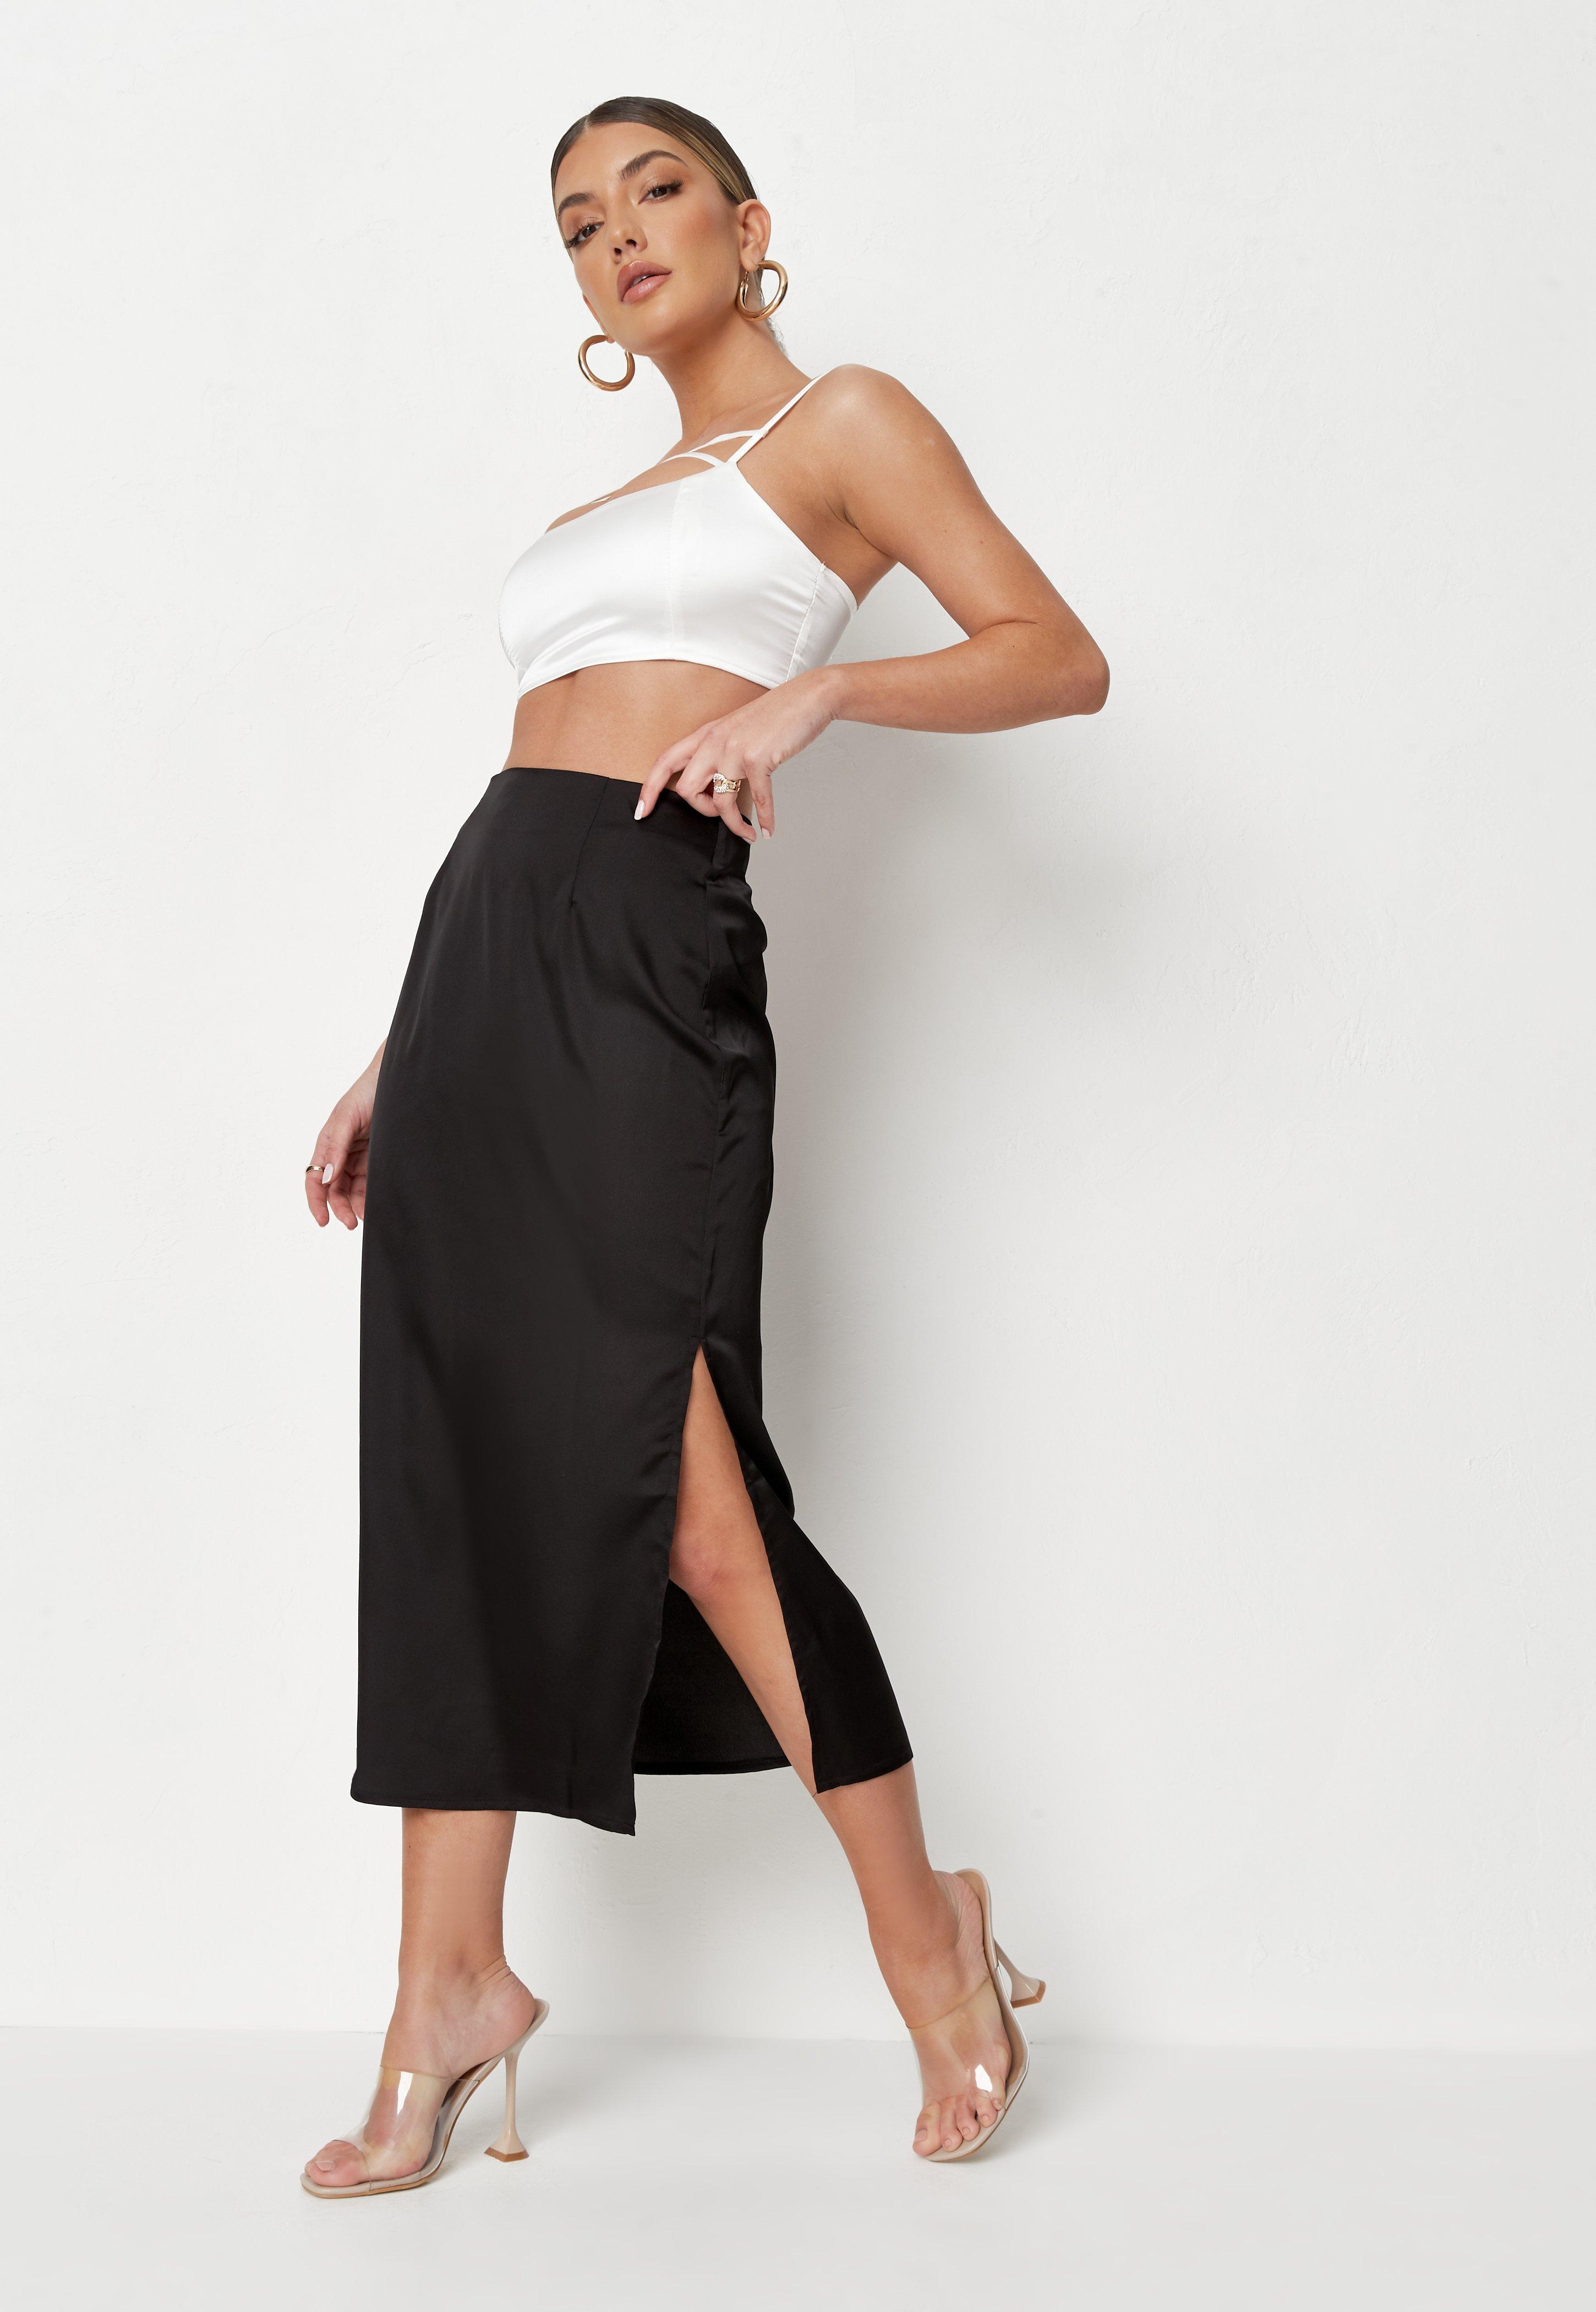 Adjustable skirt Convertible skirt Long skirt  Midi skirt Women skirt Cotton skirt Jersey skirt Grey skirt